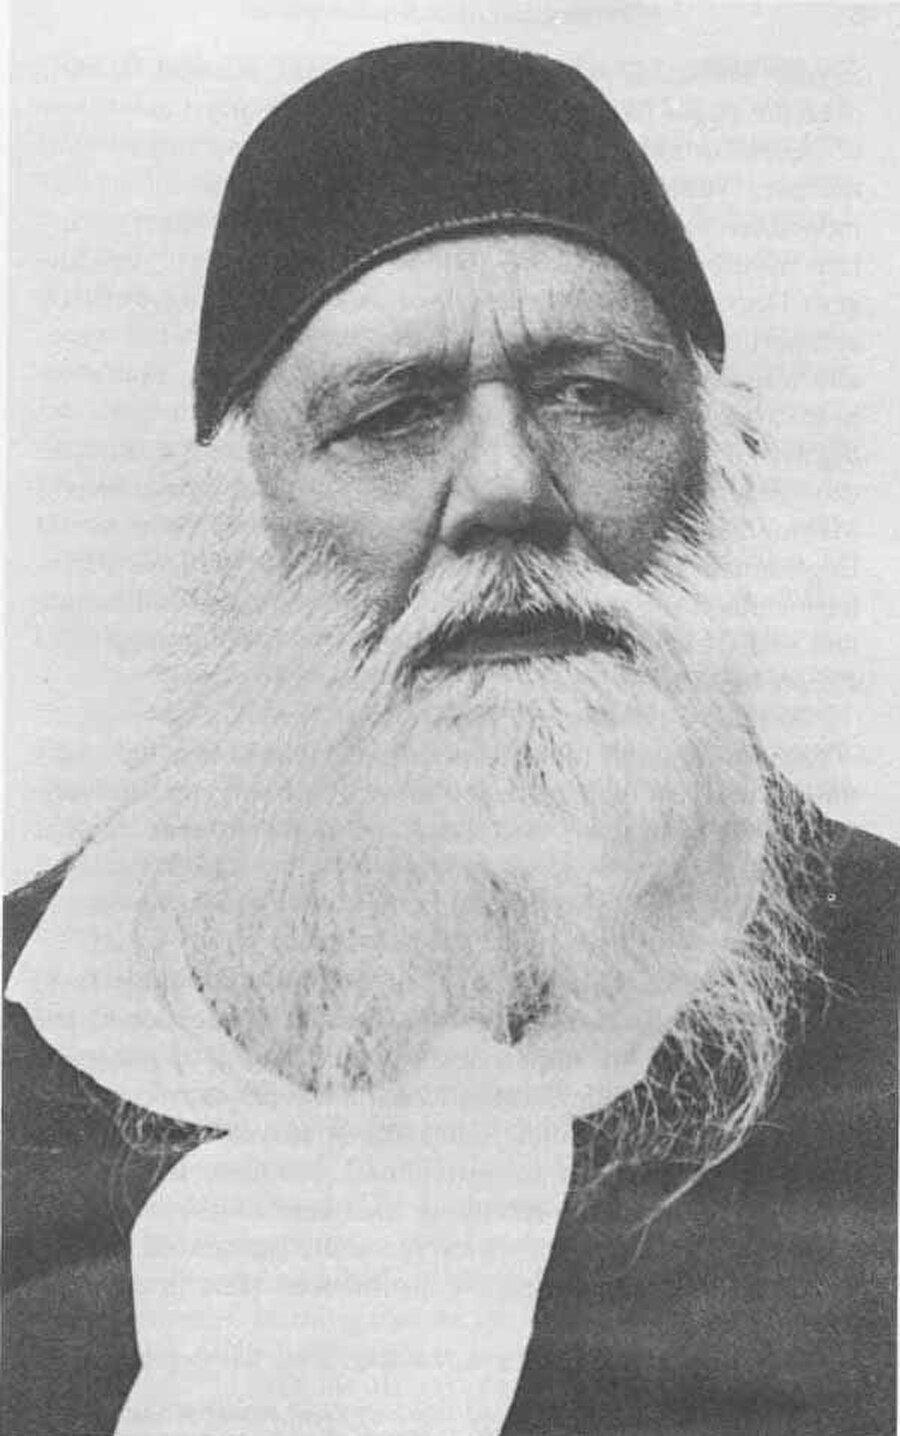 Seyyid Ahmed Han, Şibli Numani'nin üzerinde etkisi olan bir isimdi. Ancak Numani, Han'ın modernist fikirlerinden zamanla uzaklaşmıştır.